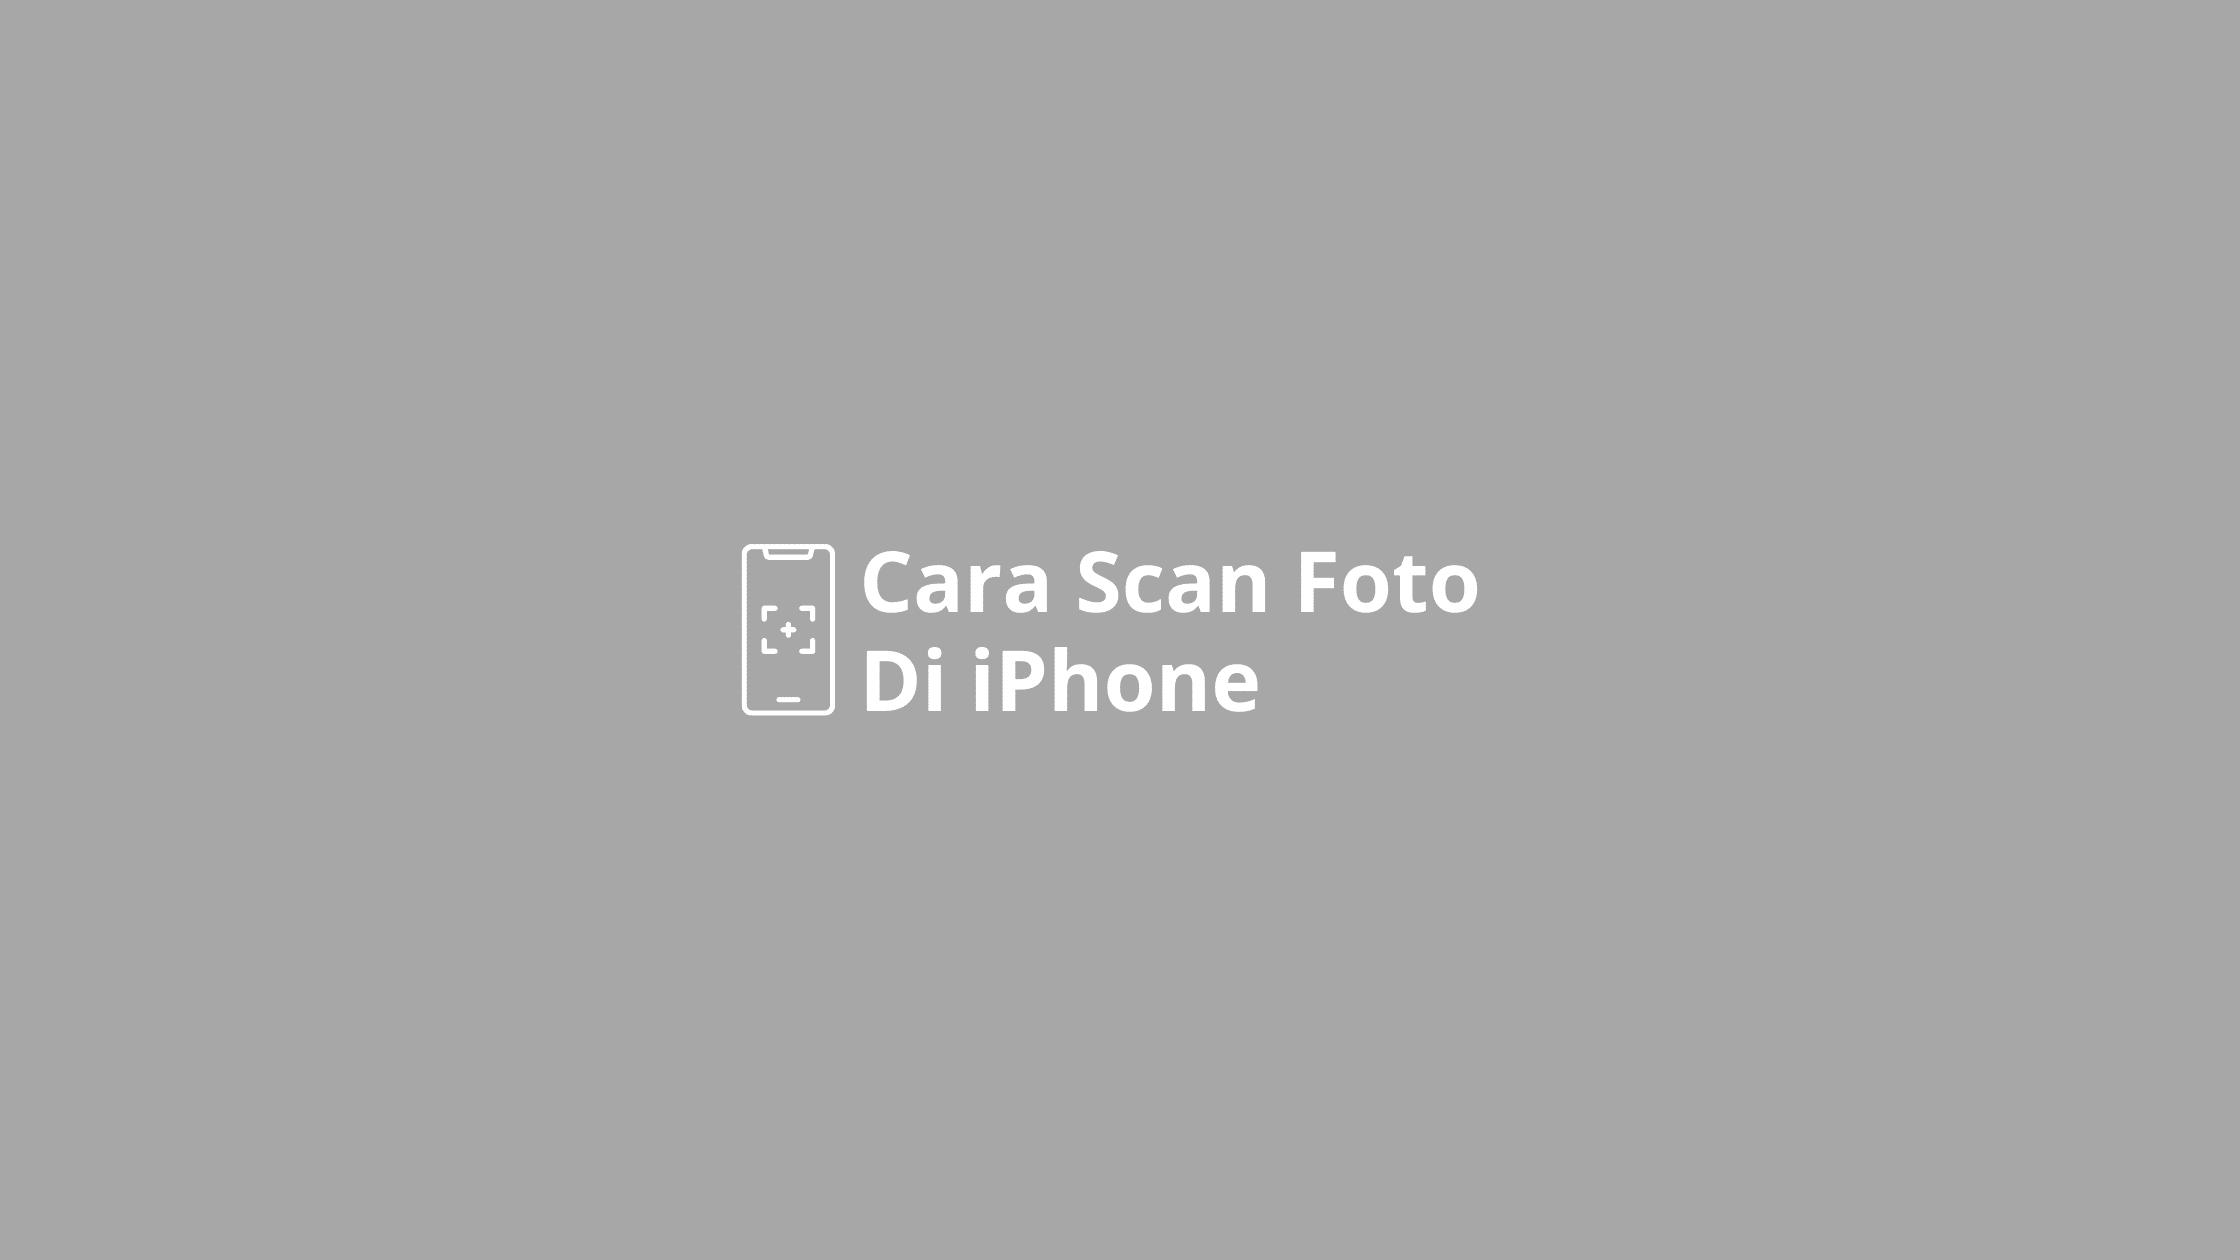 cara scan foto di iphone